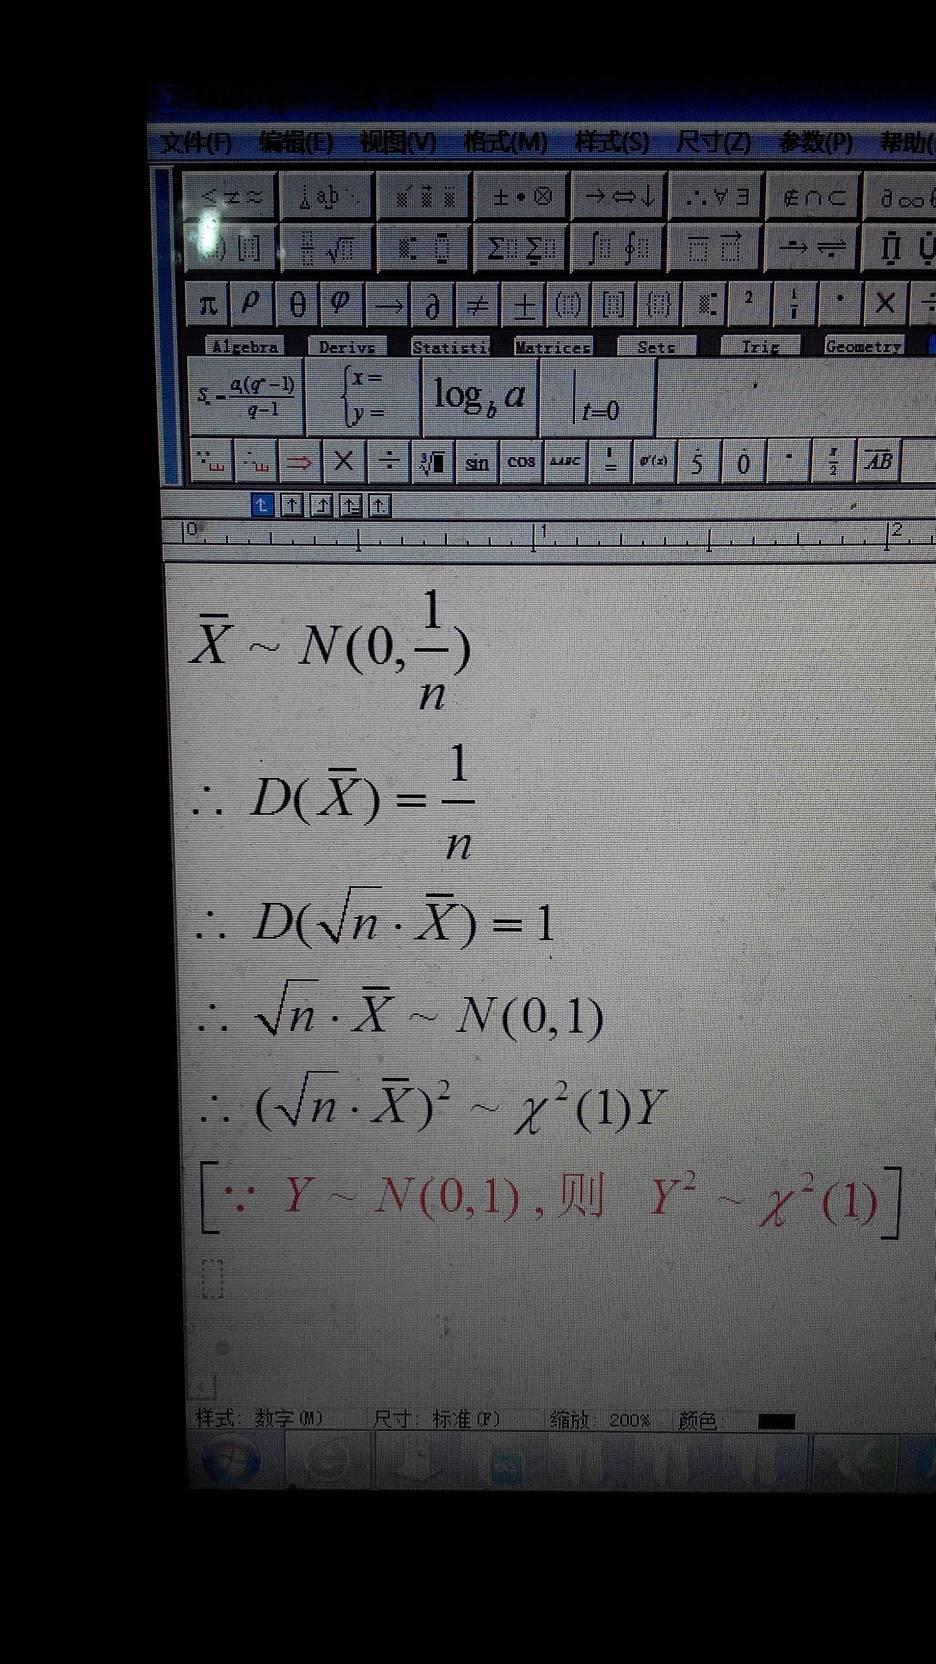 x拔的正态分布期望